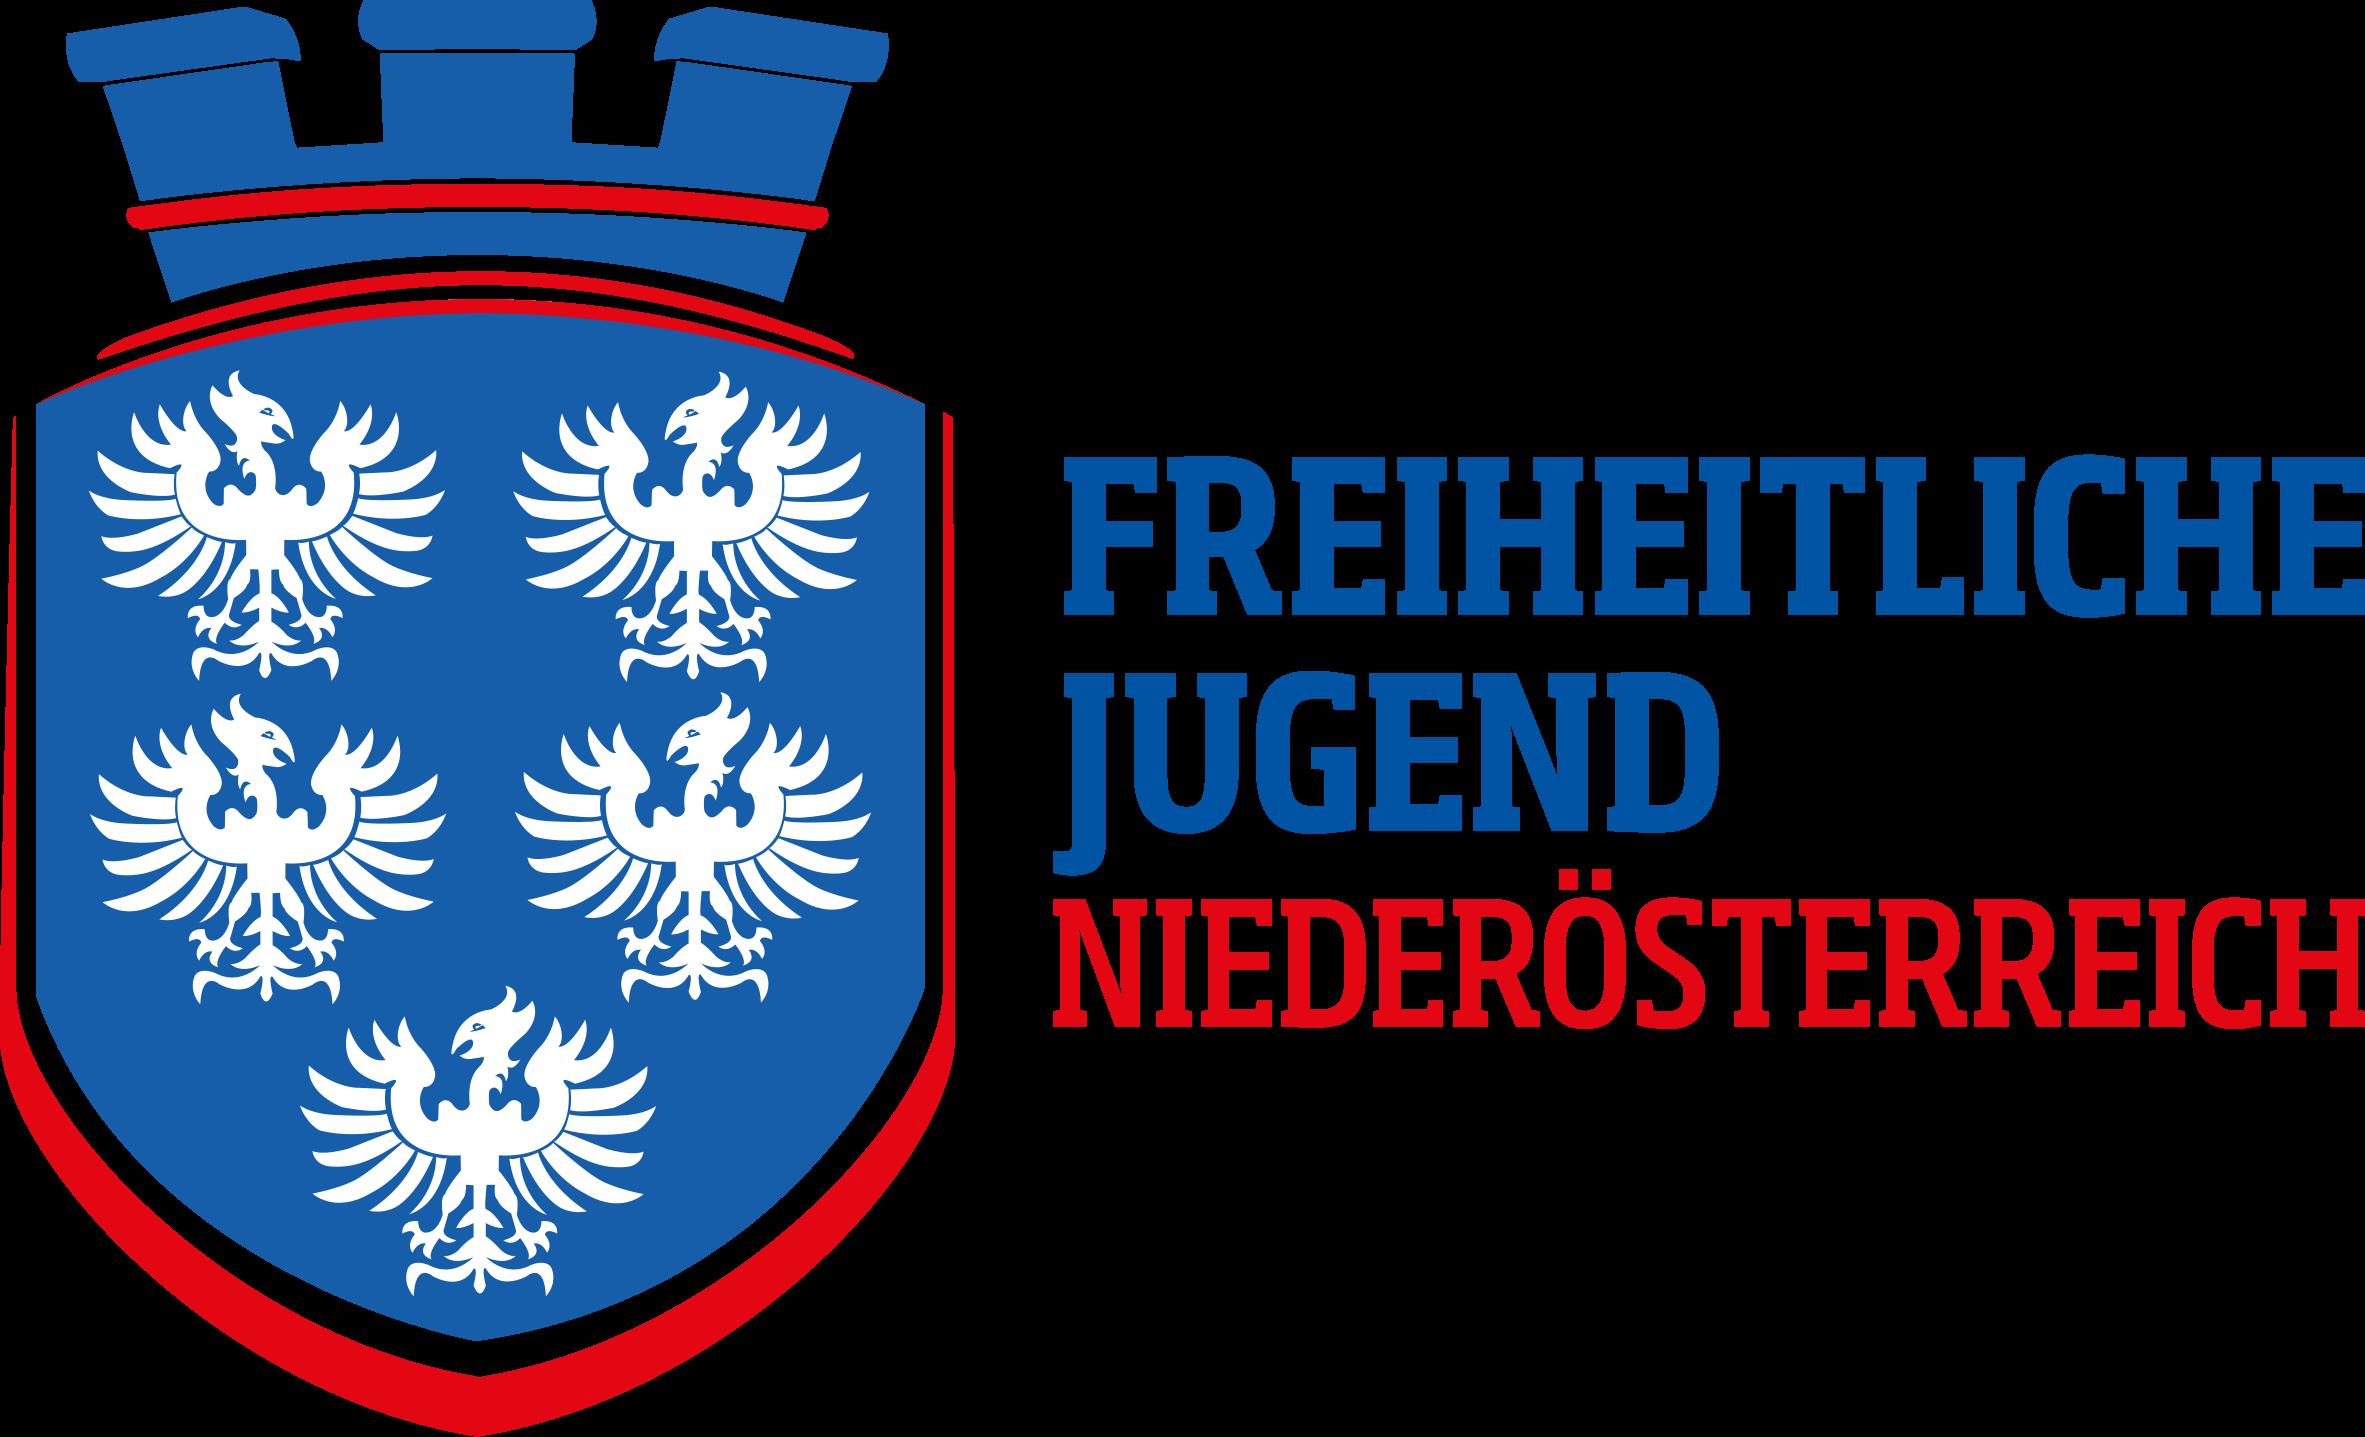 Freiheitliche Jugend Niederösterreich